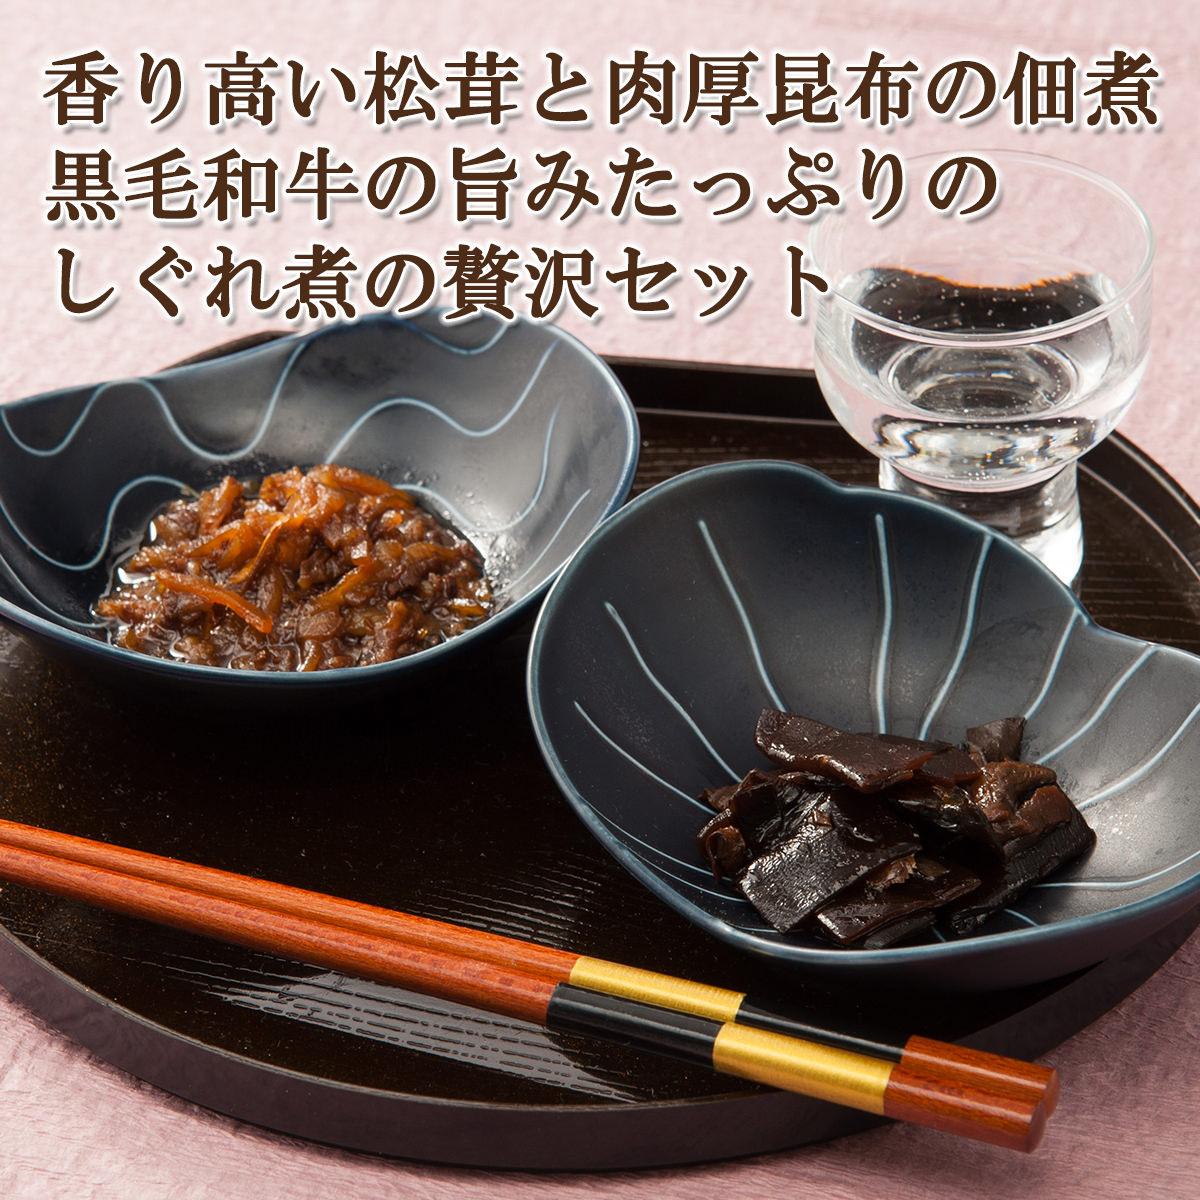 ふるさとの味 詰合せ〔黒毛和牛しぐれ煮80g、松茸昆布120g〕兵庫県 甲北食品工業